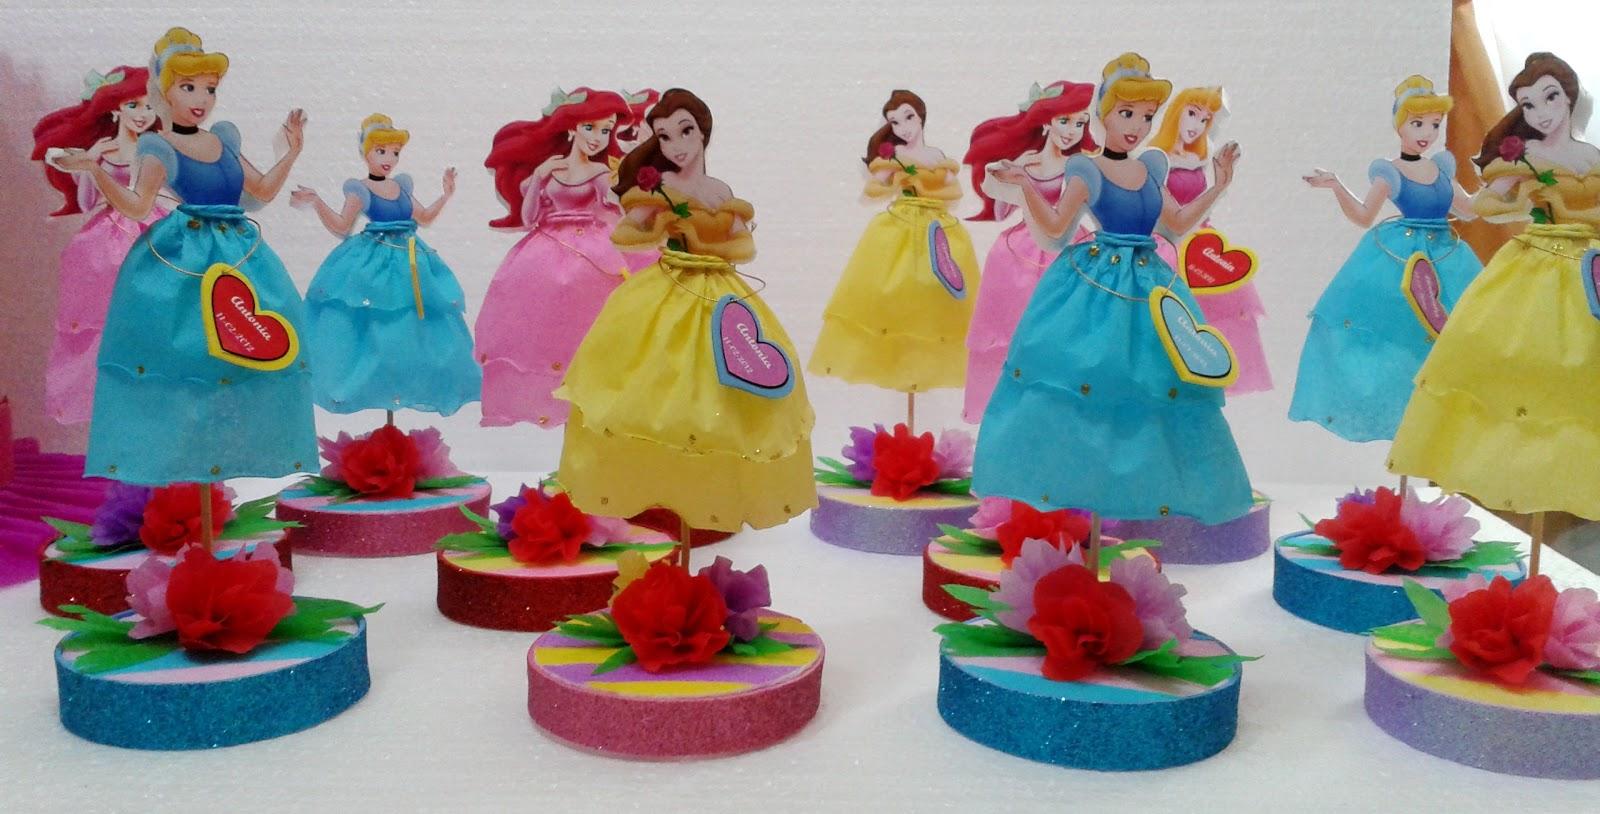 Decoraciones infantiles souvenir princesas for Decoraciones infantiles